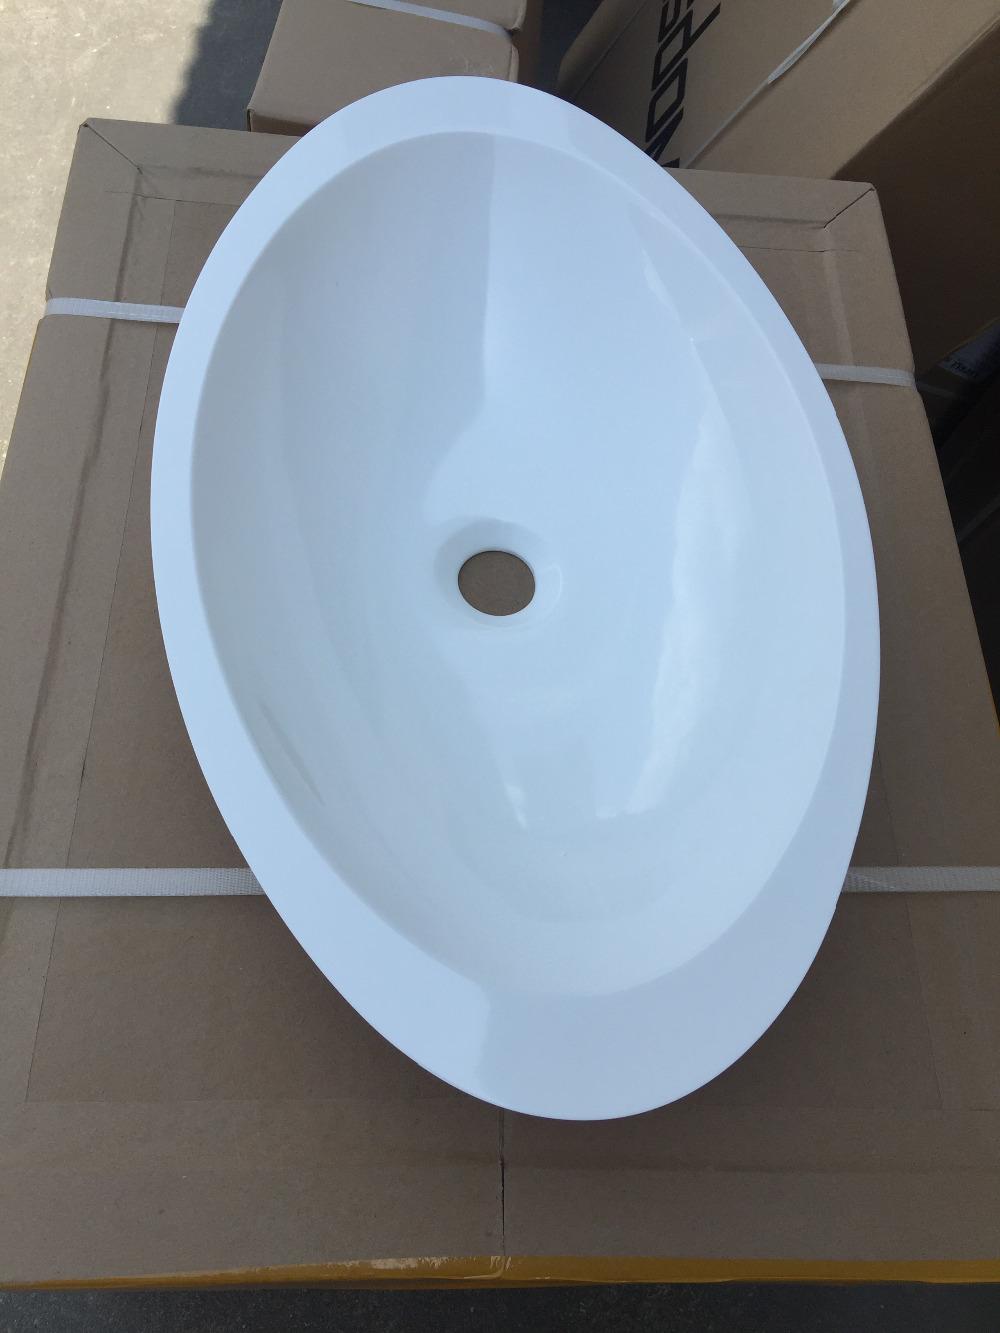 [해외]CUPC 승인 타원형 카운터 상단 아크릴 고형 표면 세면기 코리안 아크릴 수지 배수구 RS3857HG - 462/CUPC Approval Oval Counter top Acrylic Solid Surface Washbasin Corian Acrylic Resin